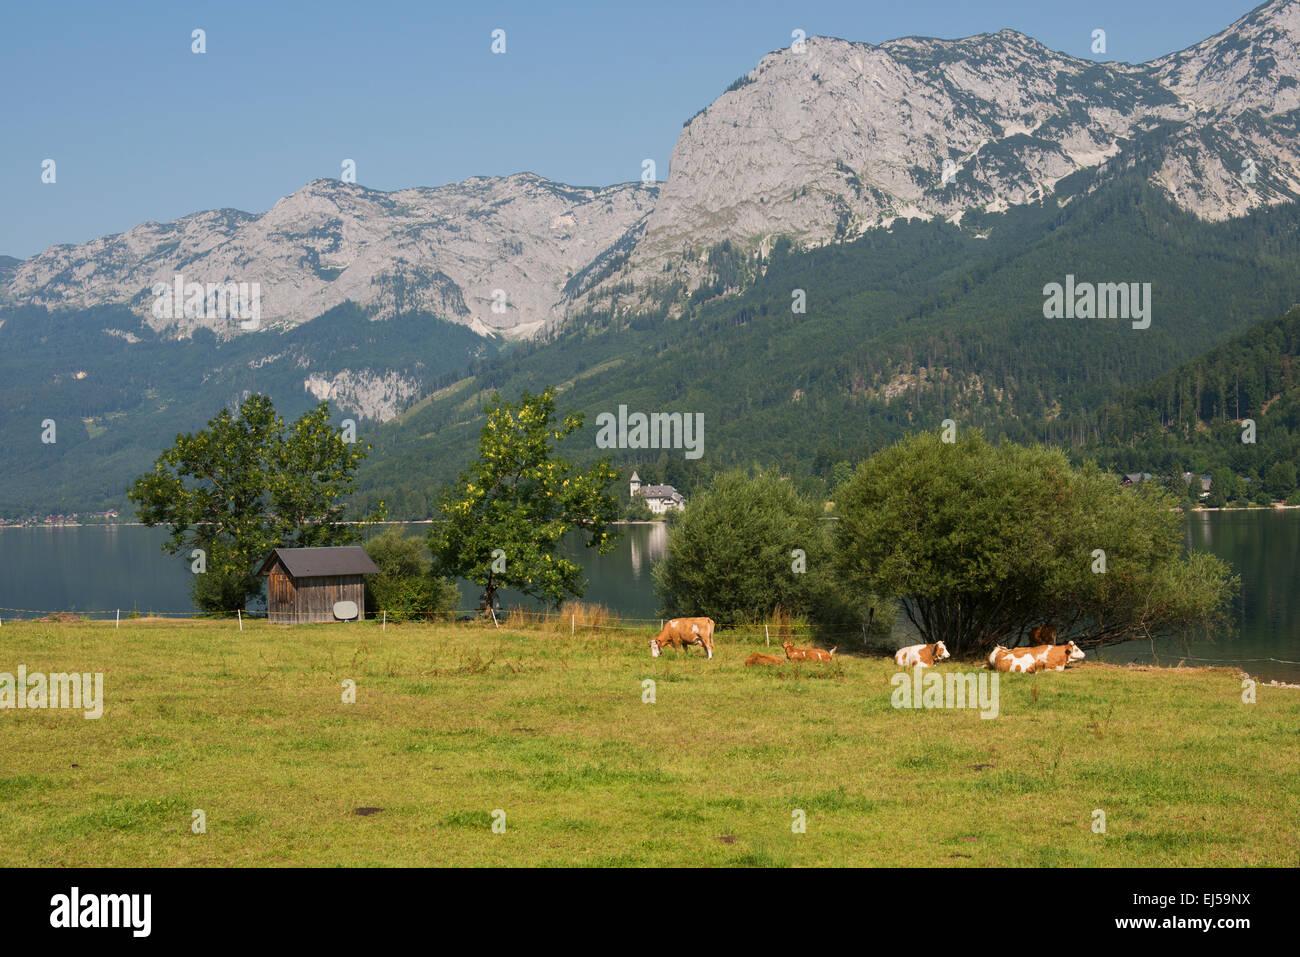 Blick von Wienern, Grundlsee zum Backenstein und Schloss Grundlsee - Stock Image